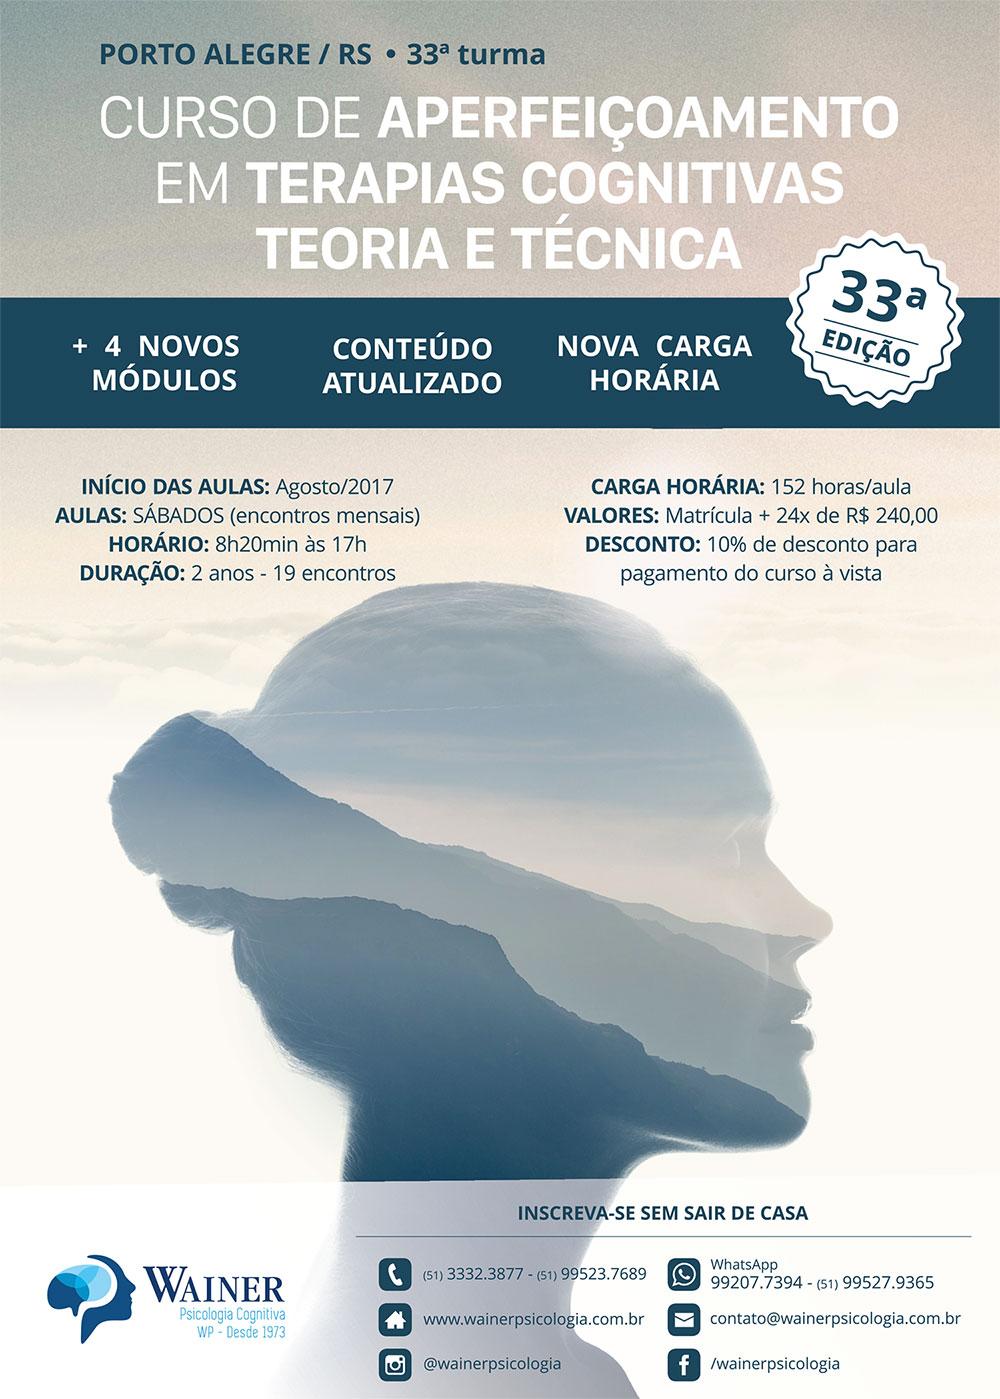 Curso de Aperfeiçoamento em Terapias Cognitivas: Teoria e Técnica